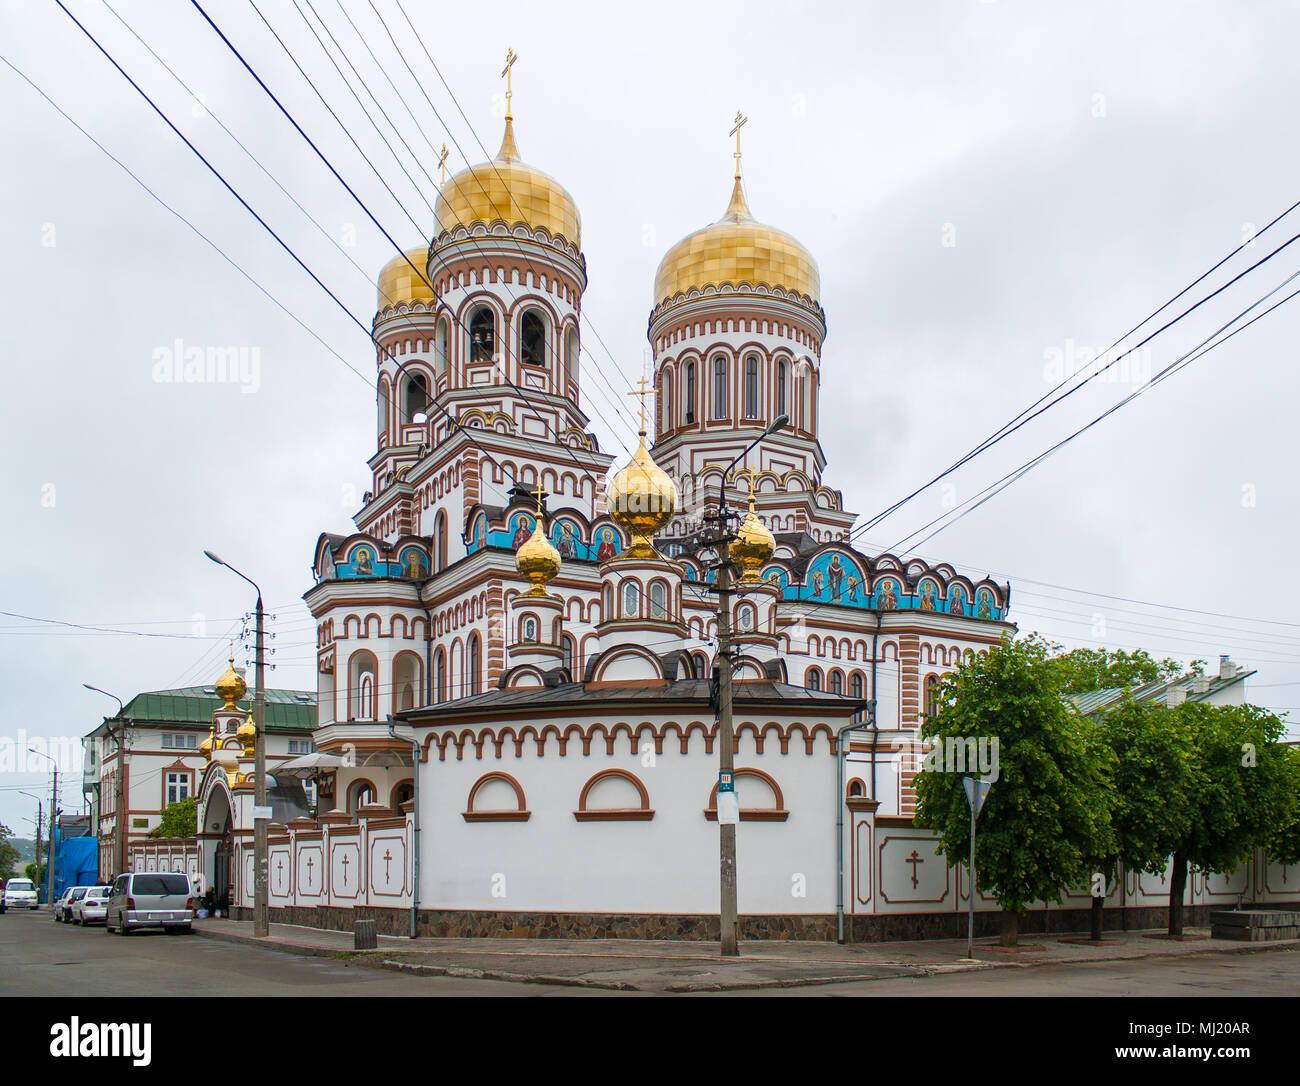 Orthodox monastery in Chernivtsi, Ukraine - Stock Image